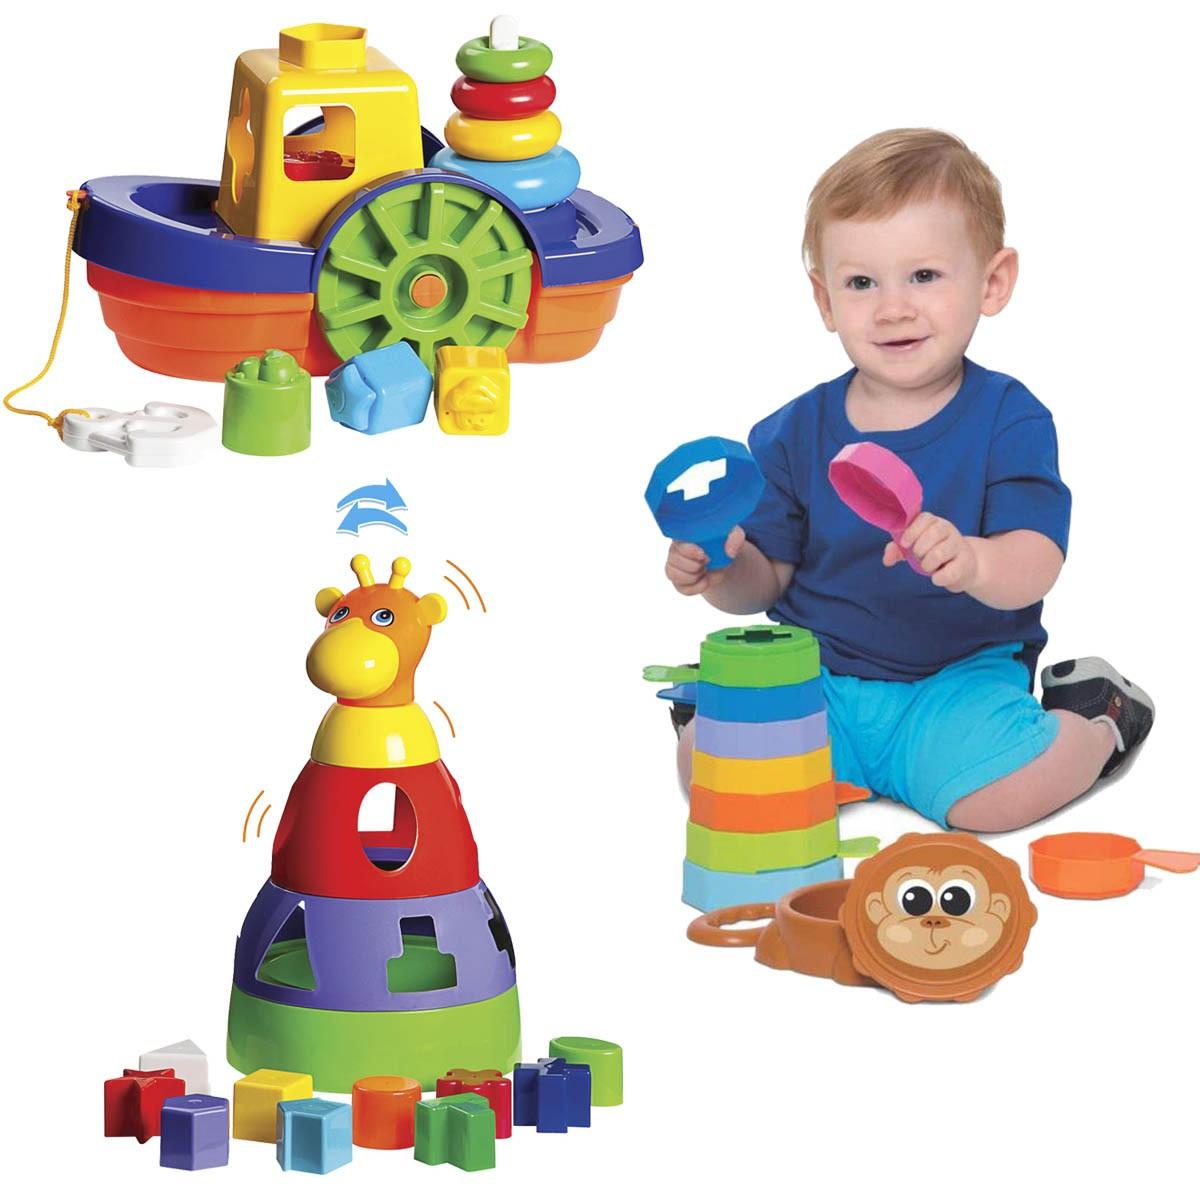 Brinquedos para Bebês Barco + Empilha Baby Macaco + Girafa